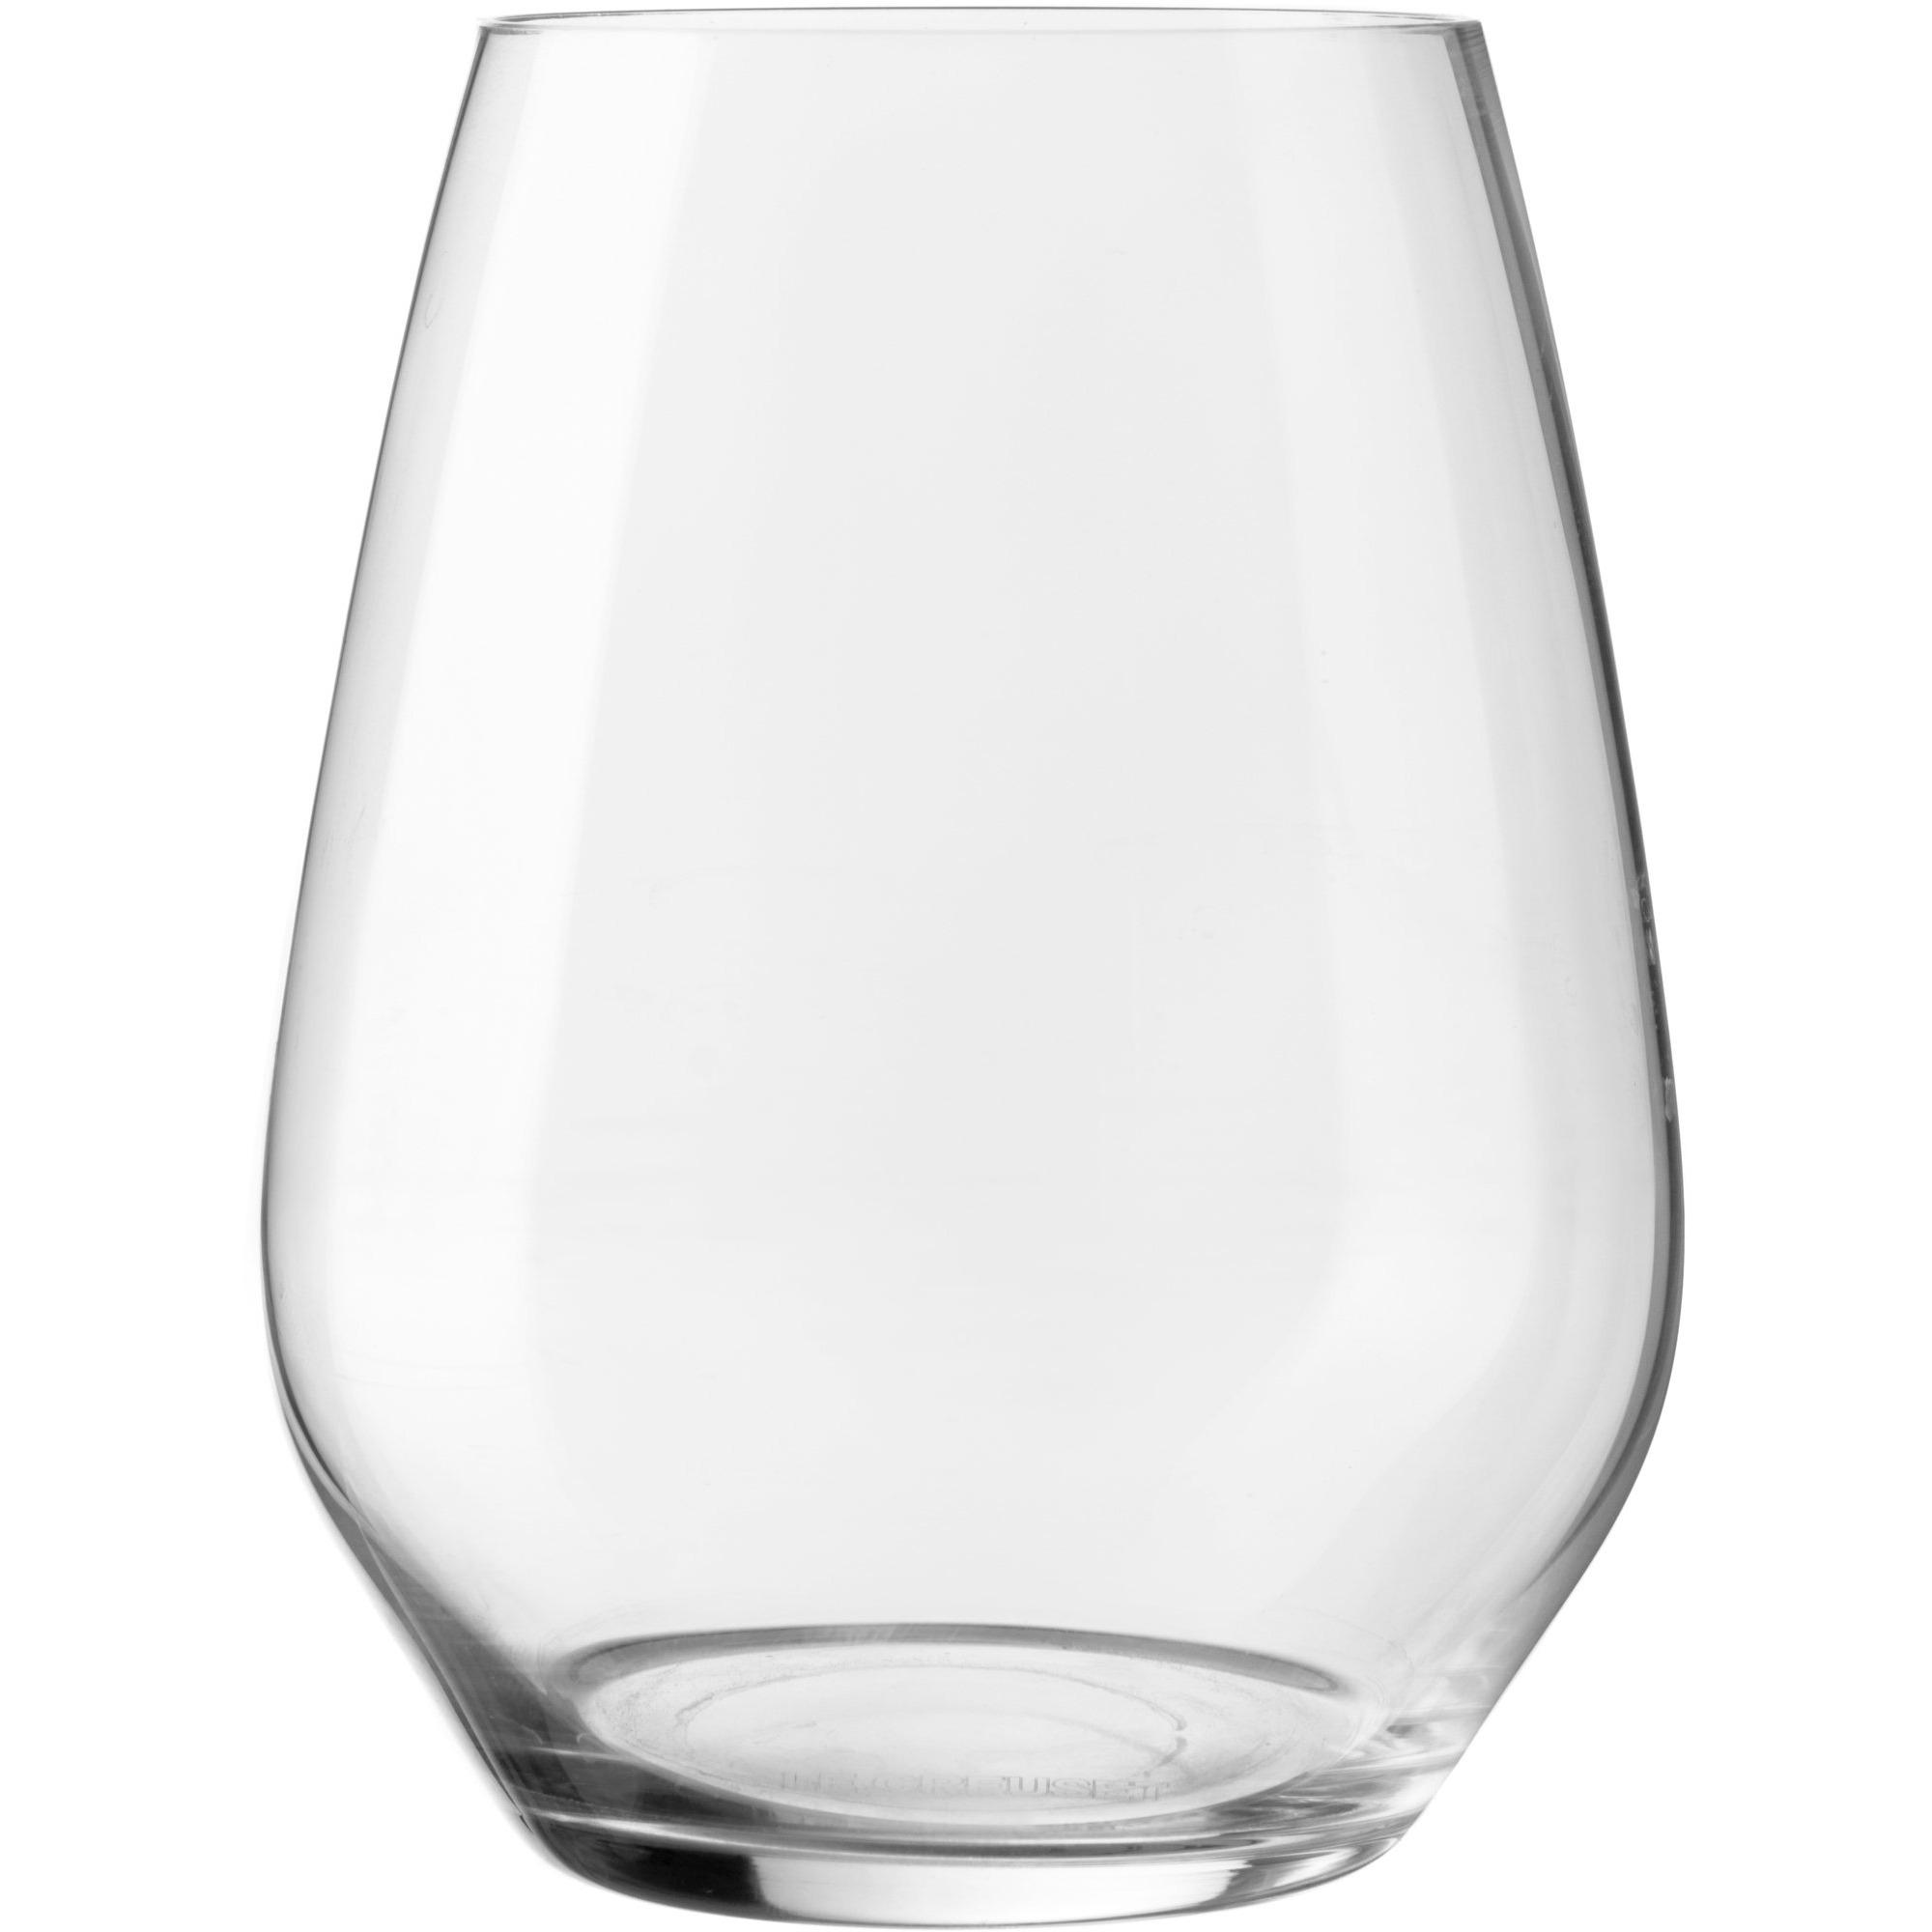 Le Creuset Vattenglas 43 cl 4-pack